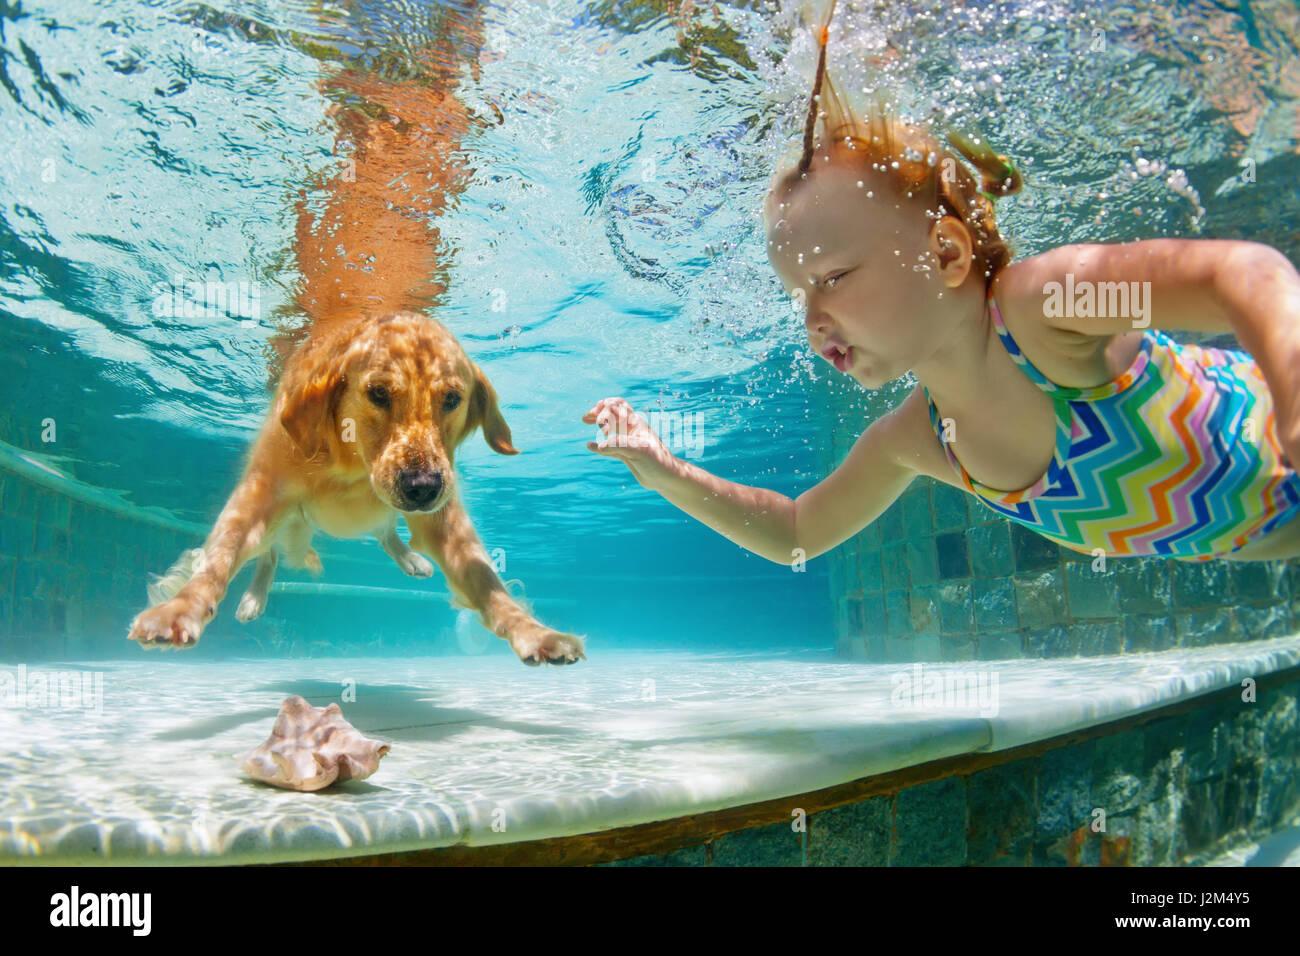 Smiley Kind Spielen Mit Spaß, Training Golden Retriever Welpe Im Pool    Springen Und Tauchen. Aktive Wasserspiele Mit Haustier